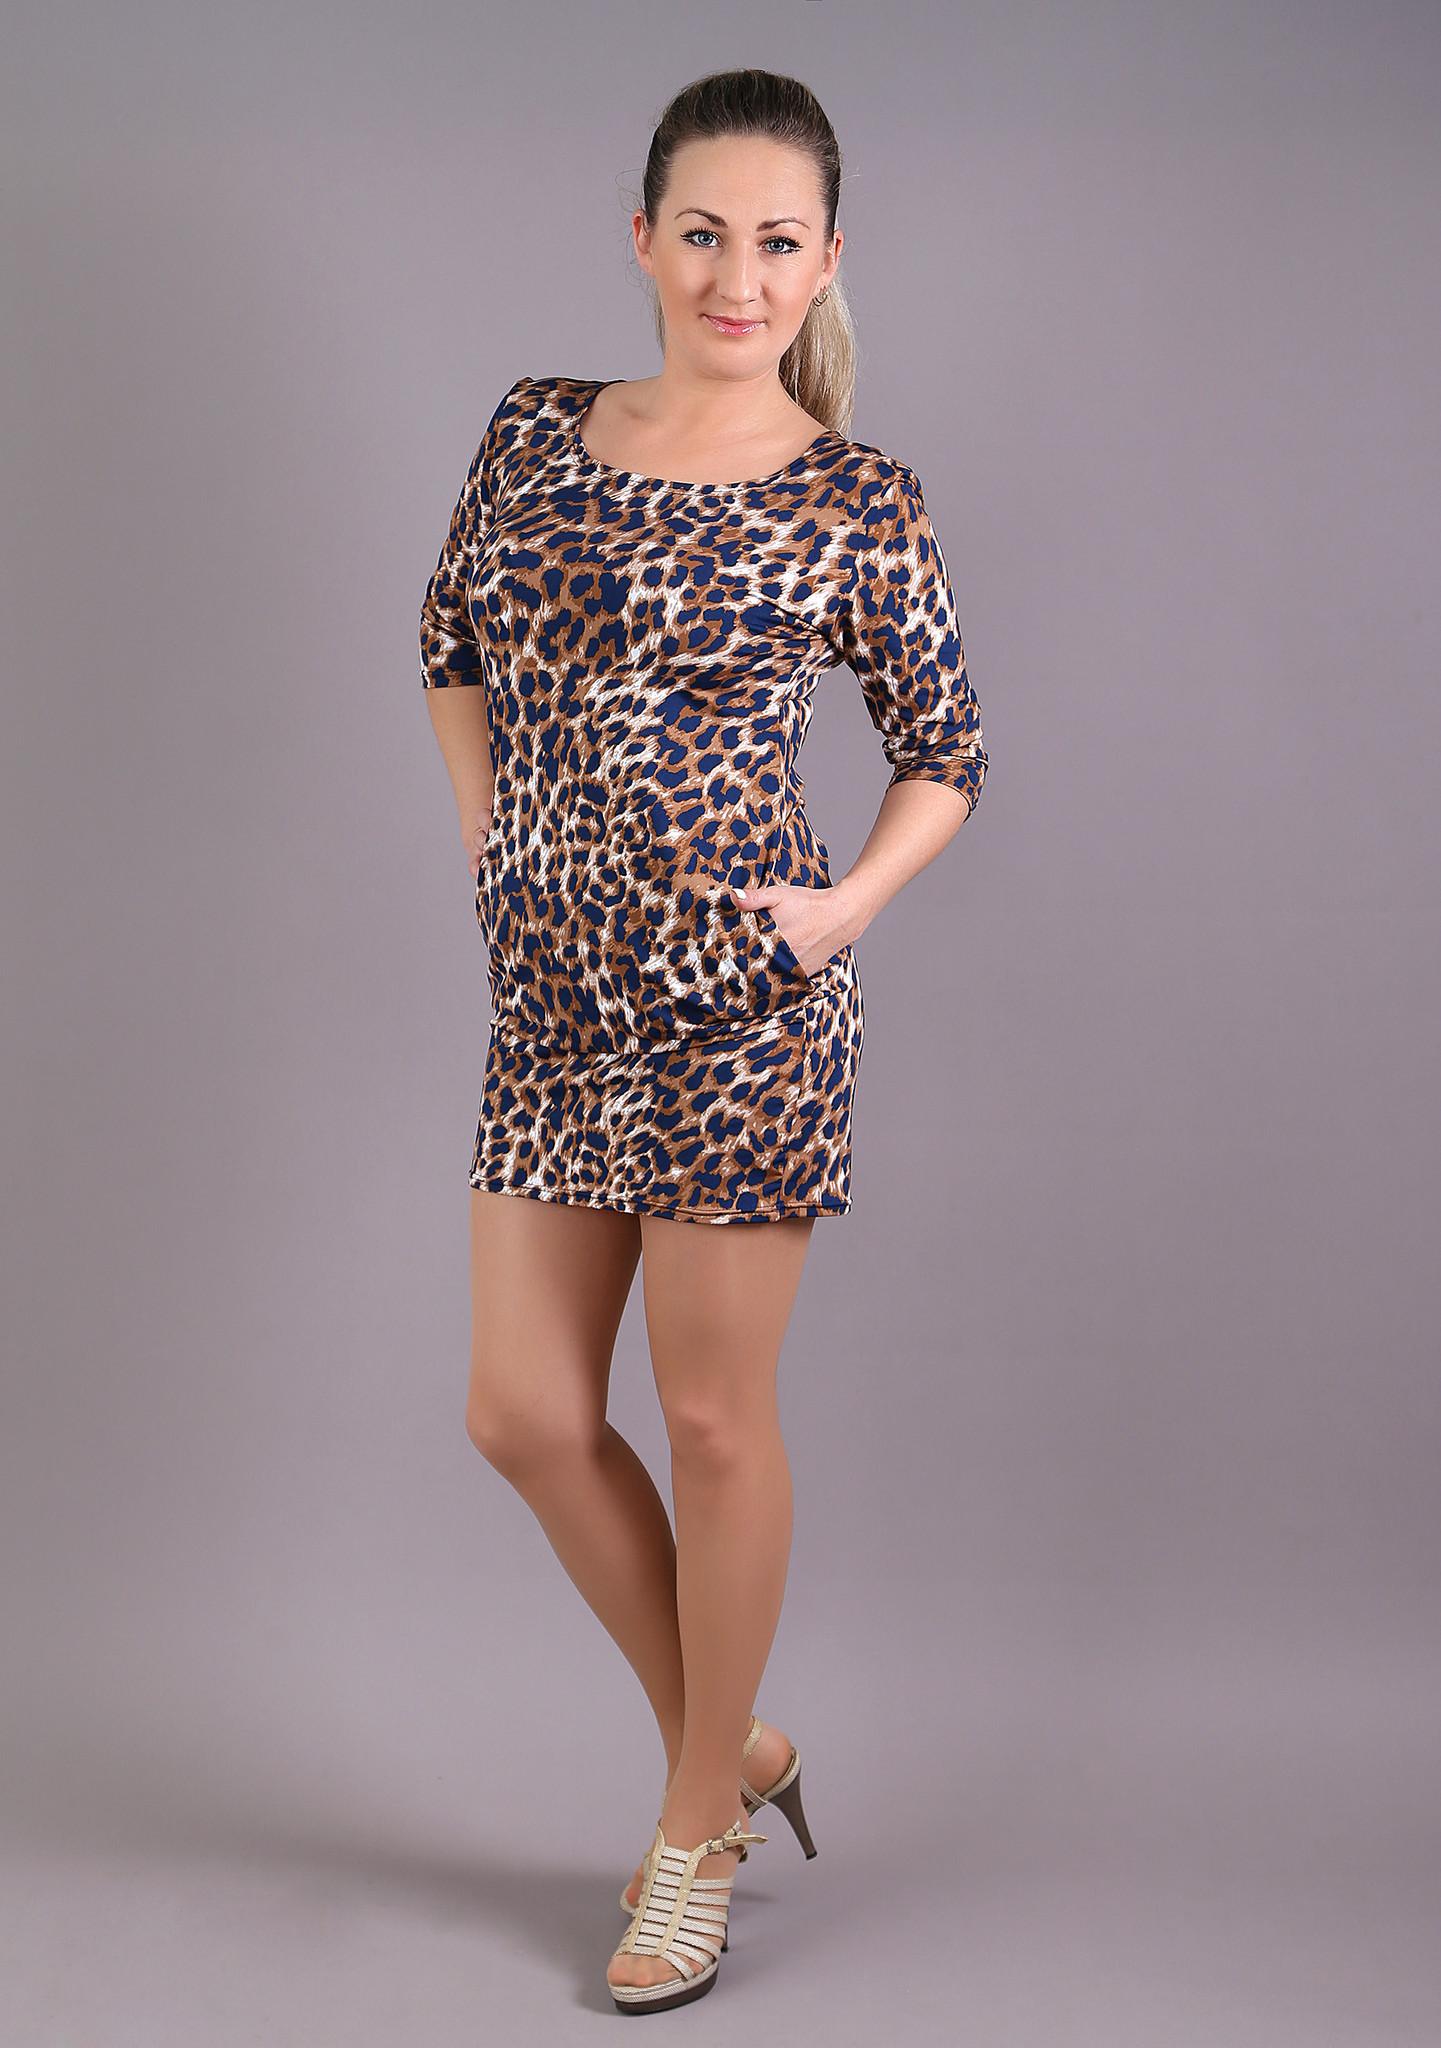 Мини платье Грандсток 15483856 от Grandstock